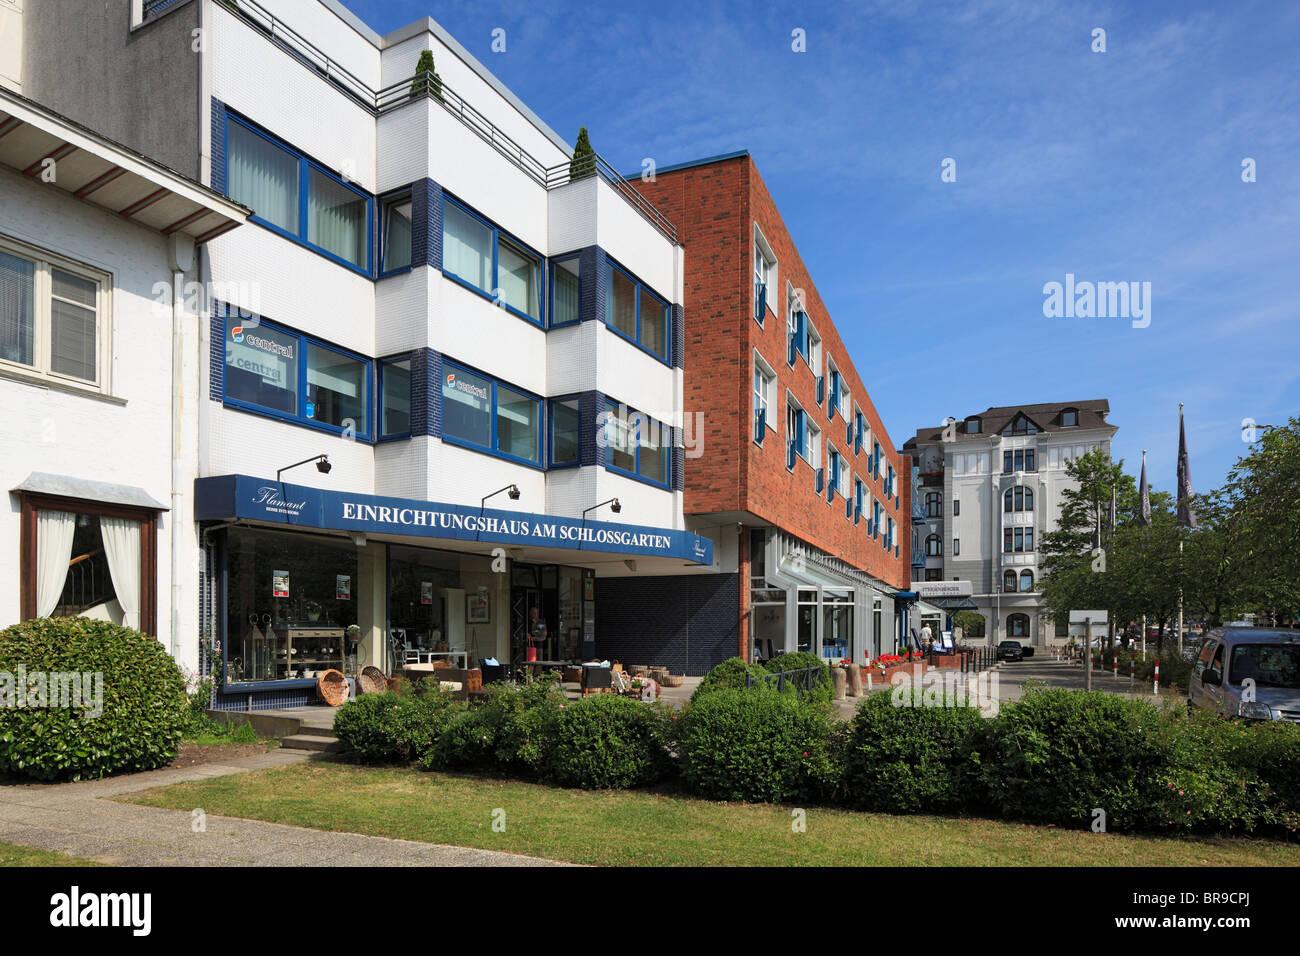 Einrichtungshaus Kiel kiel schleswig holstein shopping stock photos kiel schleswig